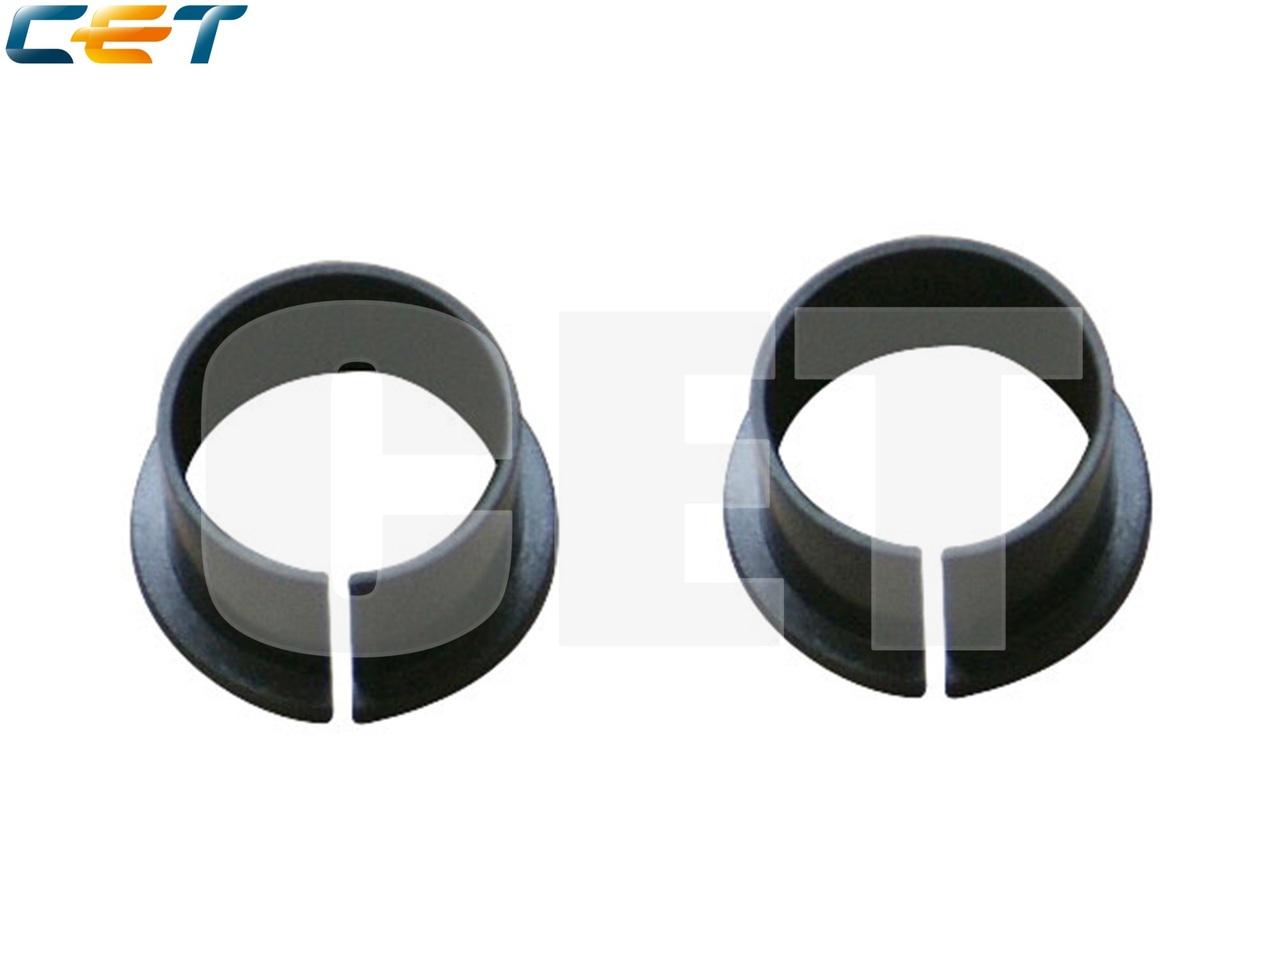 Бушинг тефлонового вала 99A0150 для LEXMARKT630/640/650 (CET), 2 шт/компл, CET0006